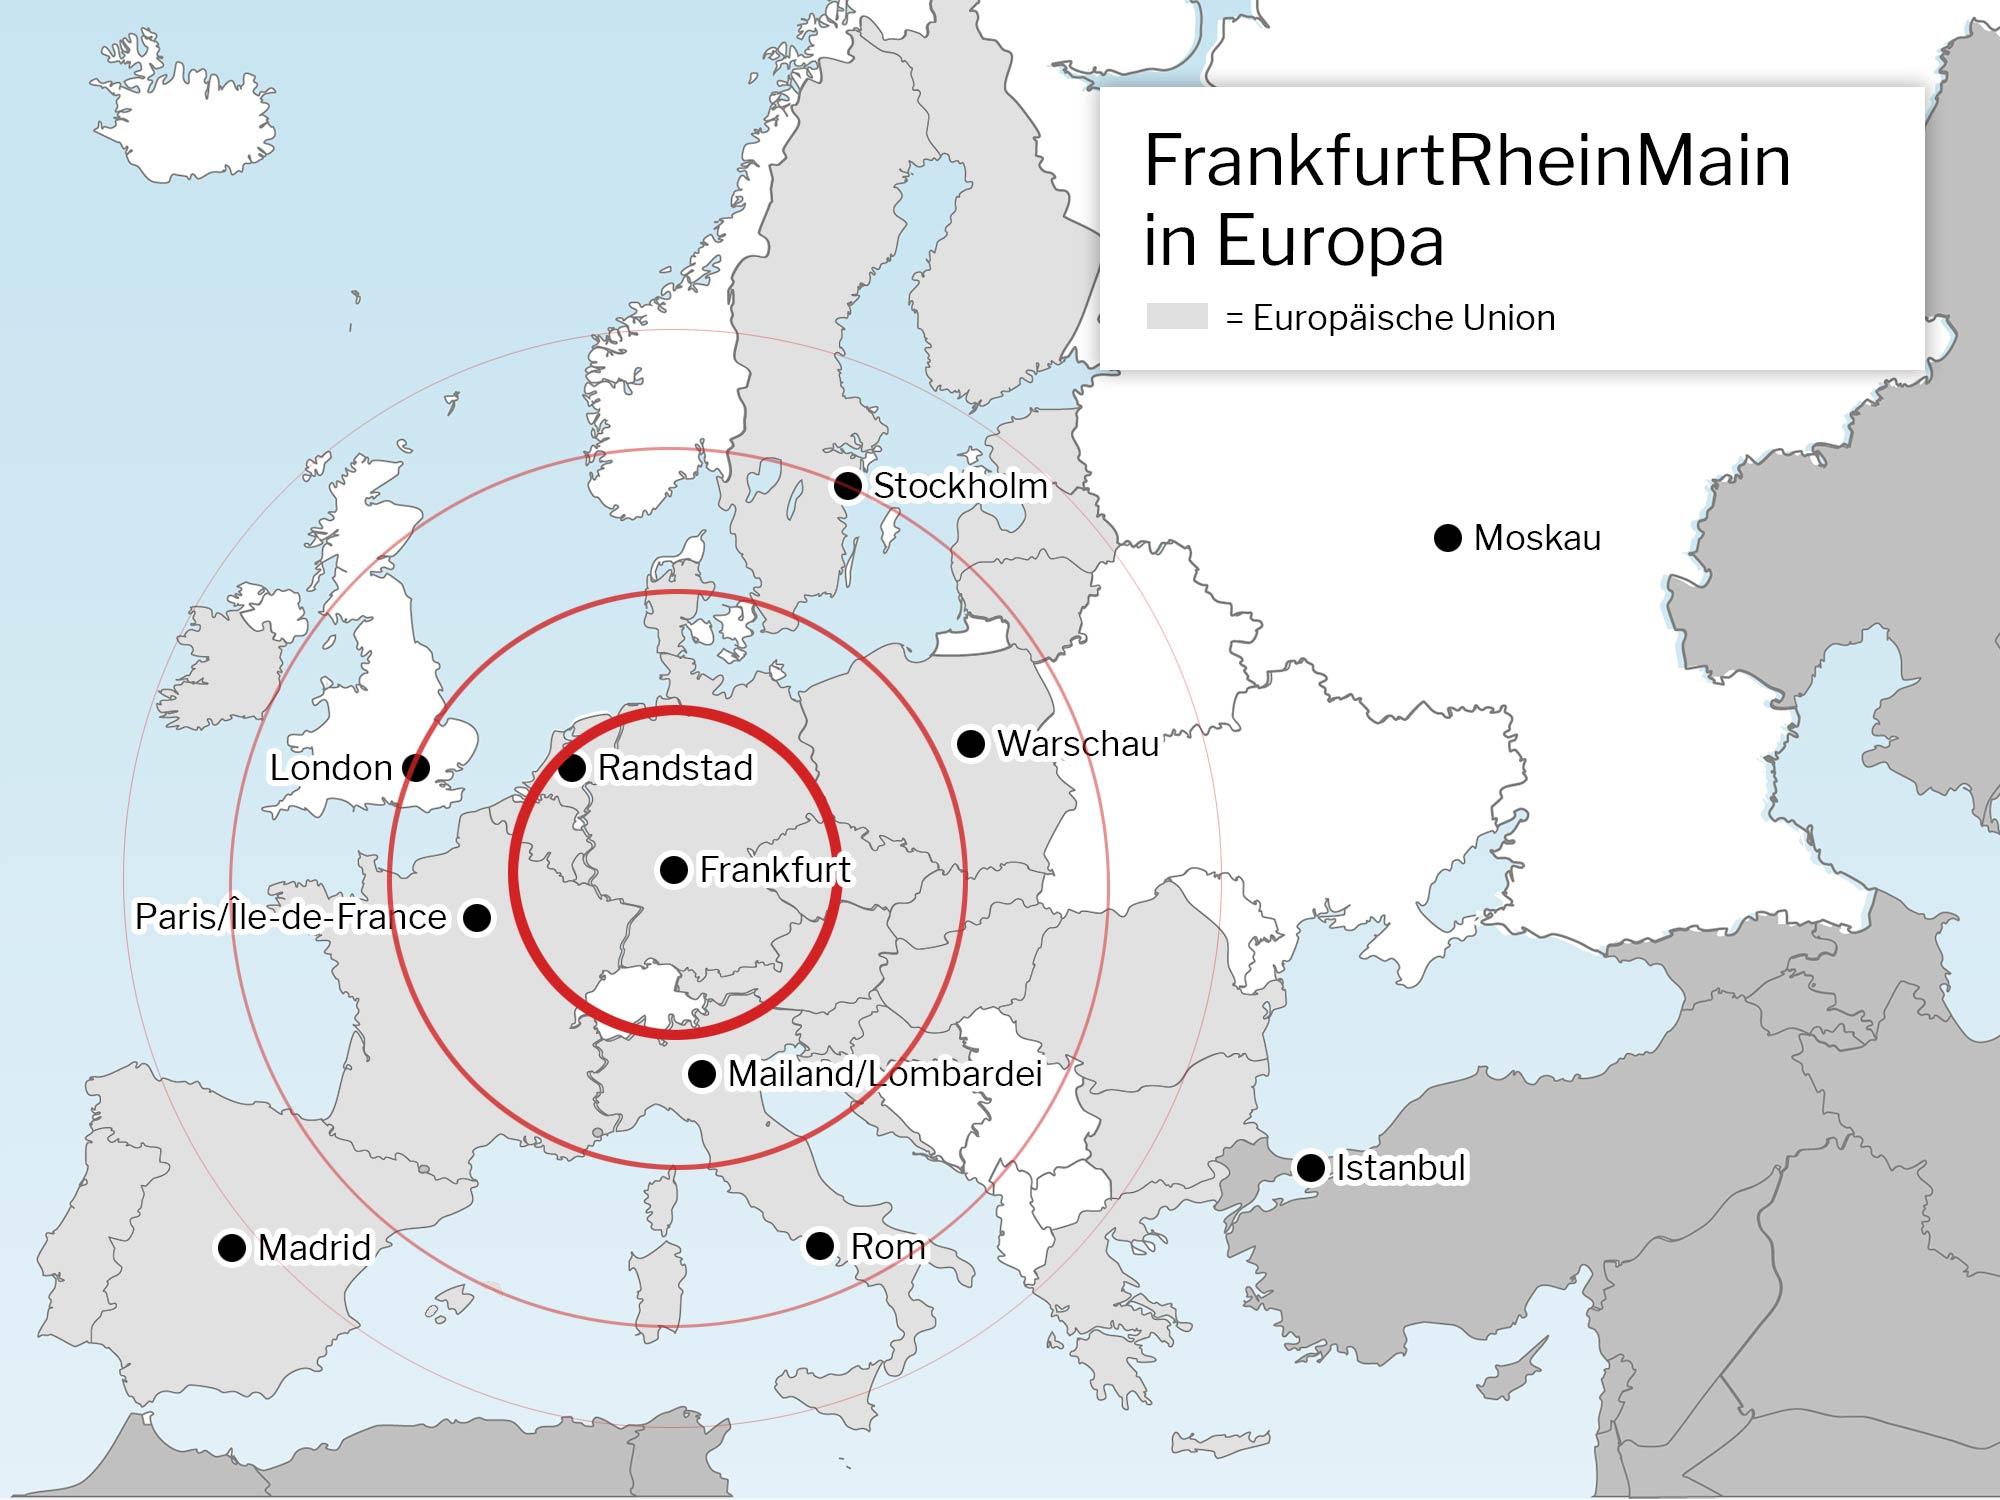 Lage von Frankfurt/Rhein-Main in Europa - EU Karte - Europa Karte - Frankfurt Lage